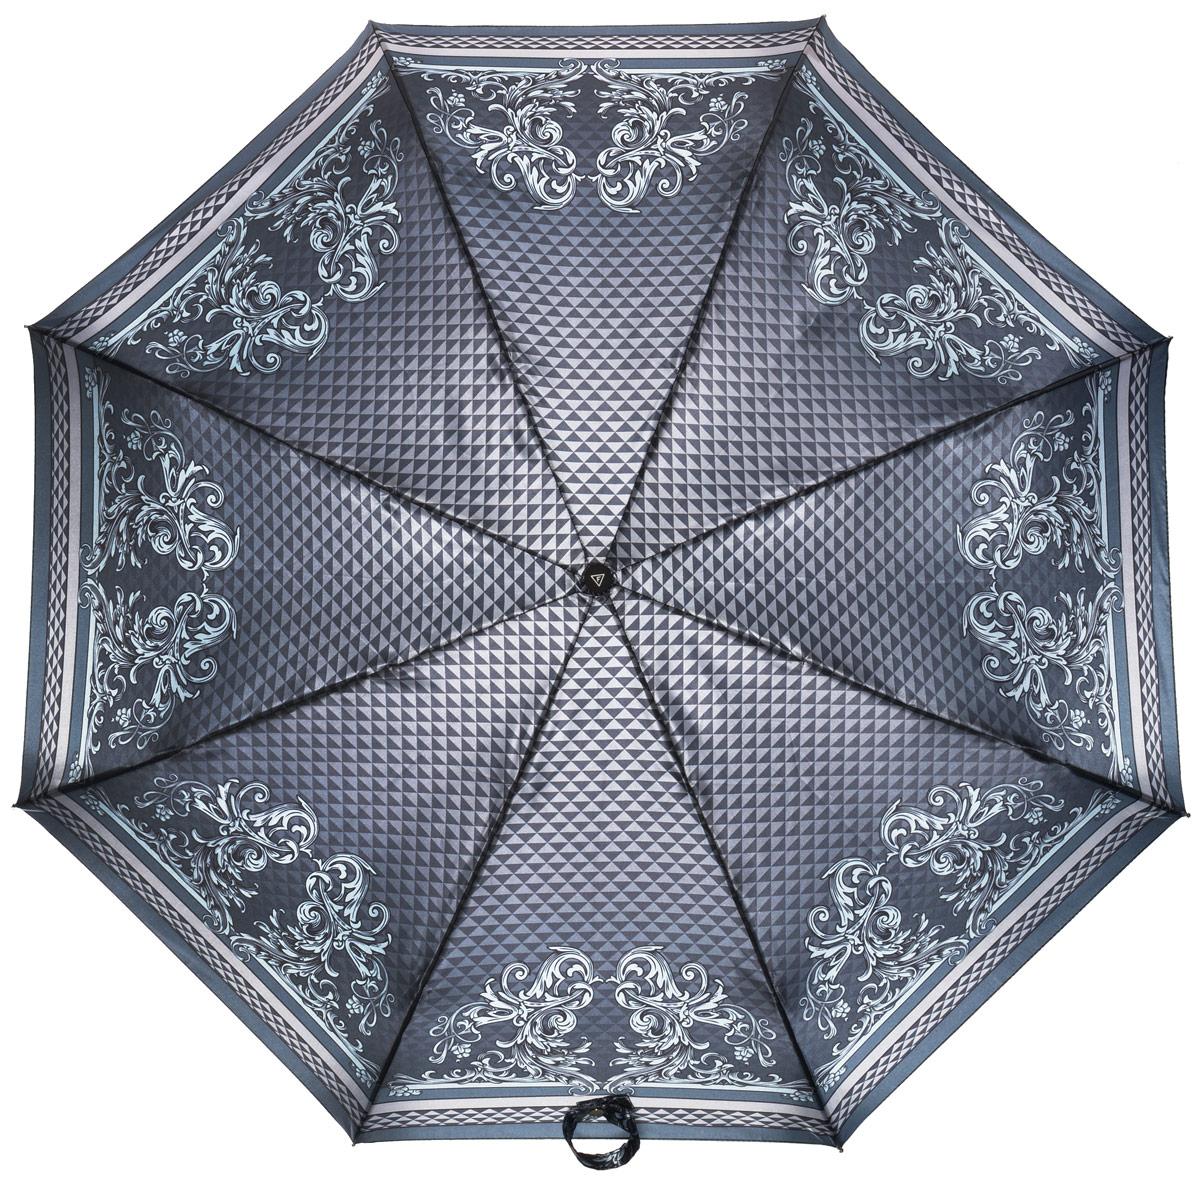 Зонт женский Fabretti, полный автомат, 3 сложения, цвет: серый. S-16101-3S-16101-3Зонт женский Fabretti, суперавтомат, 3 сложения, сатин